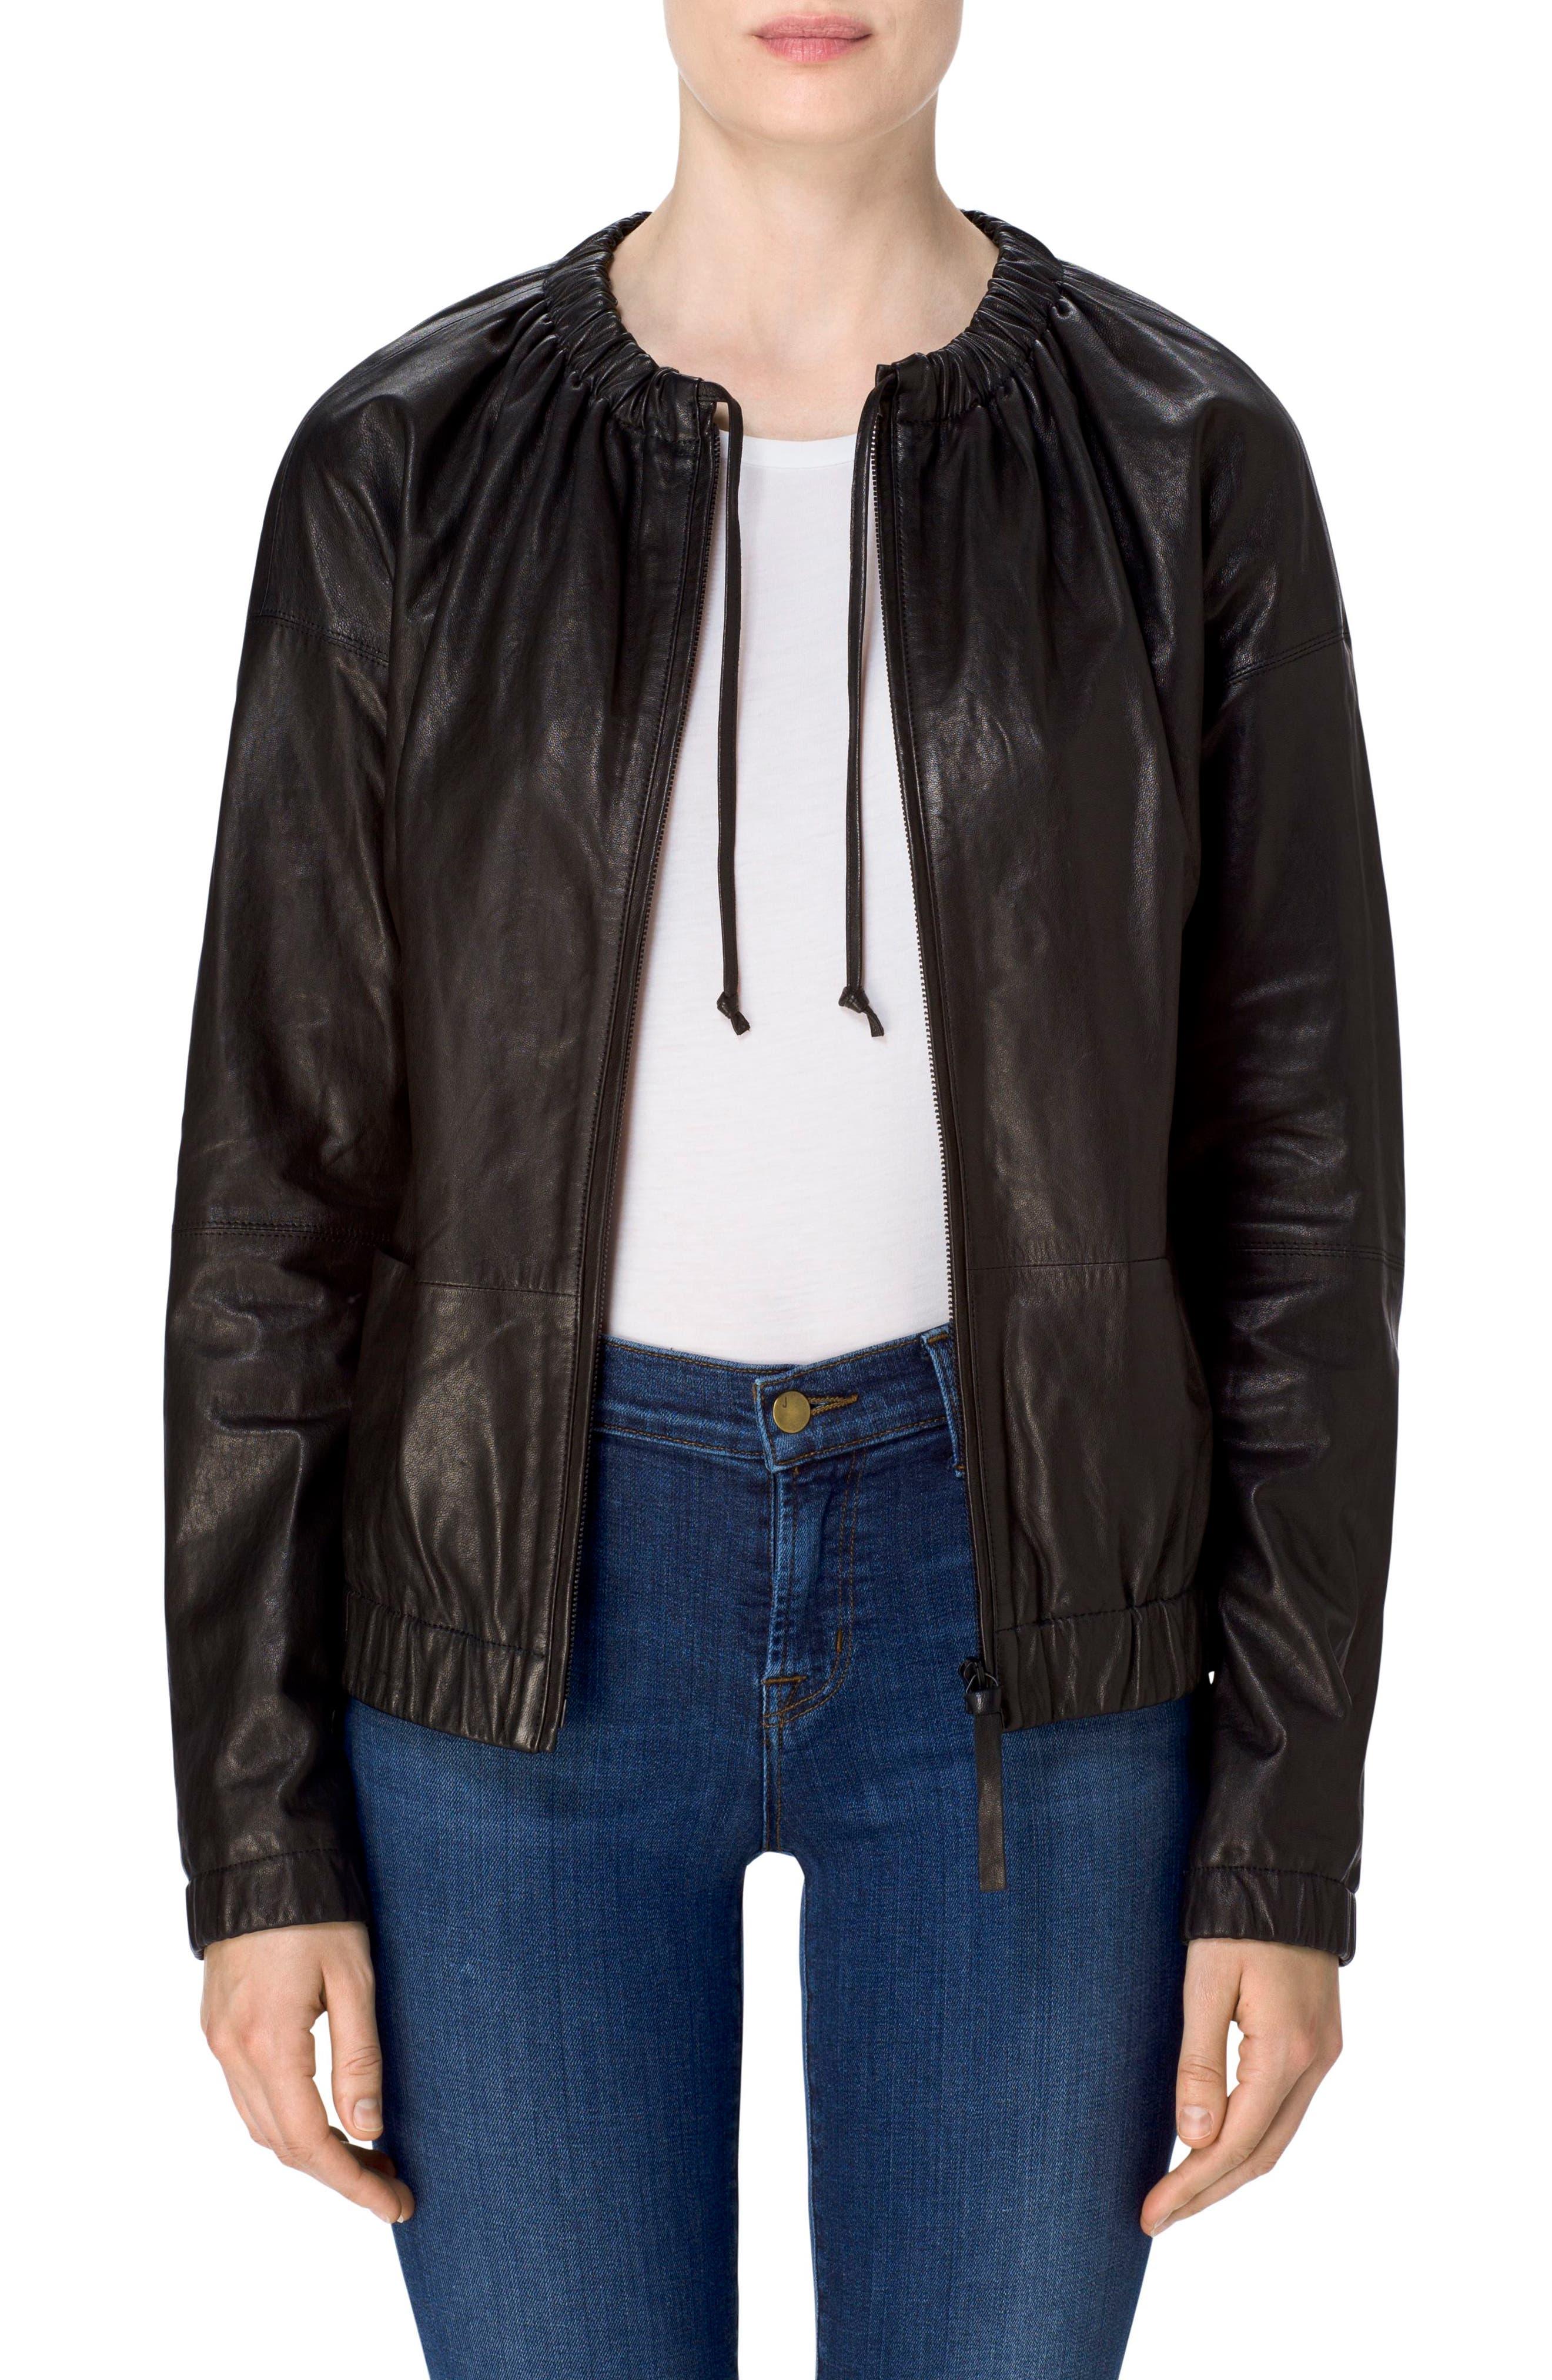 Main Image - J Brand Baez Leather Bomber Jacket